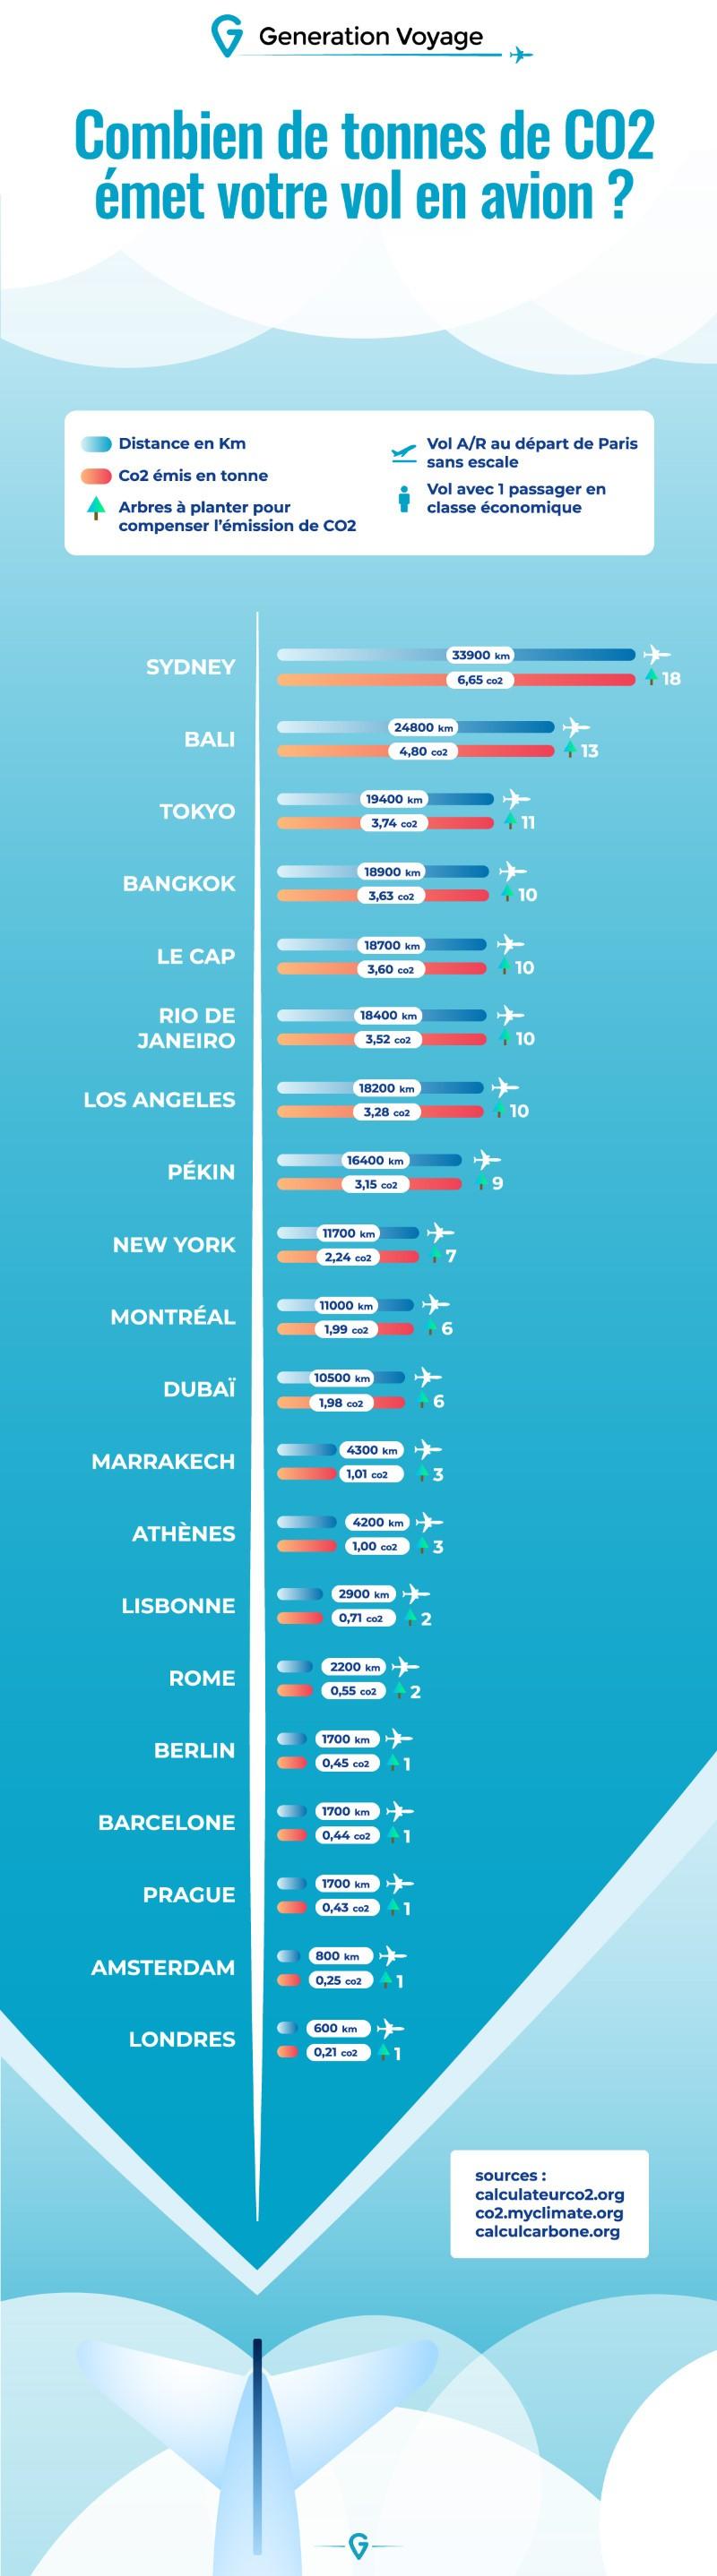 Infographie : Combien de tonnes de CO2 émet votre vol en avion ?